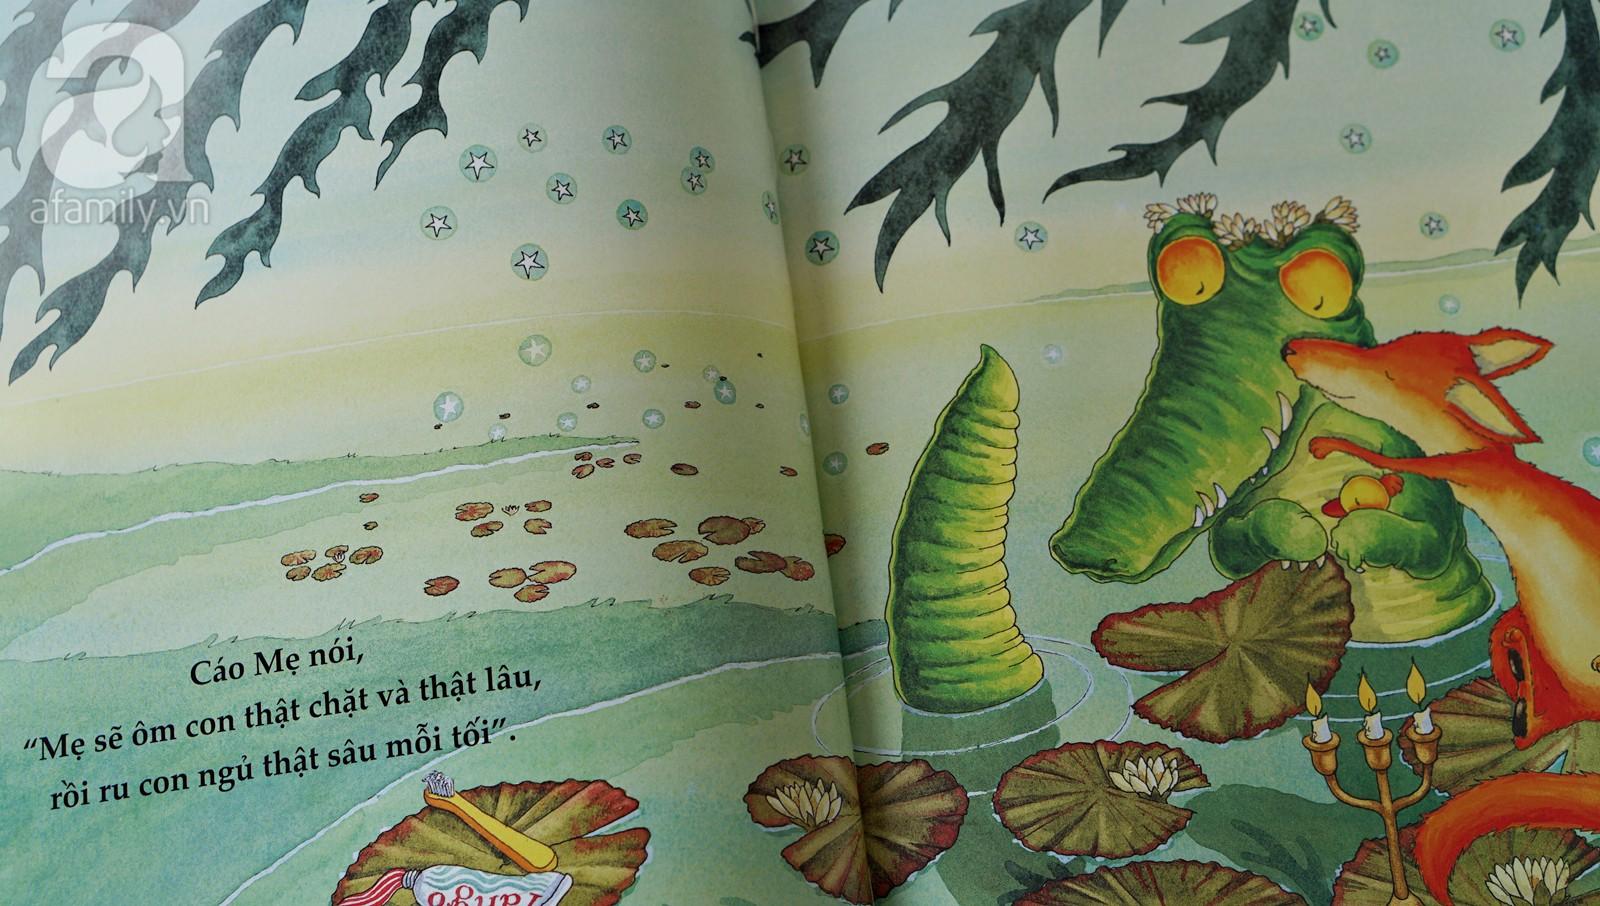 Muốn con học siêu tiếng Anh từ nhỏ, bố mẹ không thể bỏ qua những cuốn sách song ngữ này! - Ảnh 9.